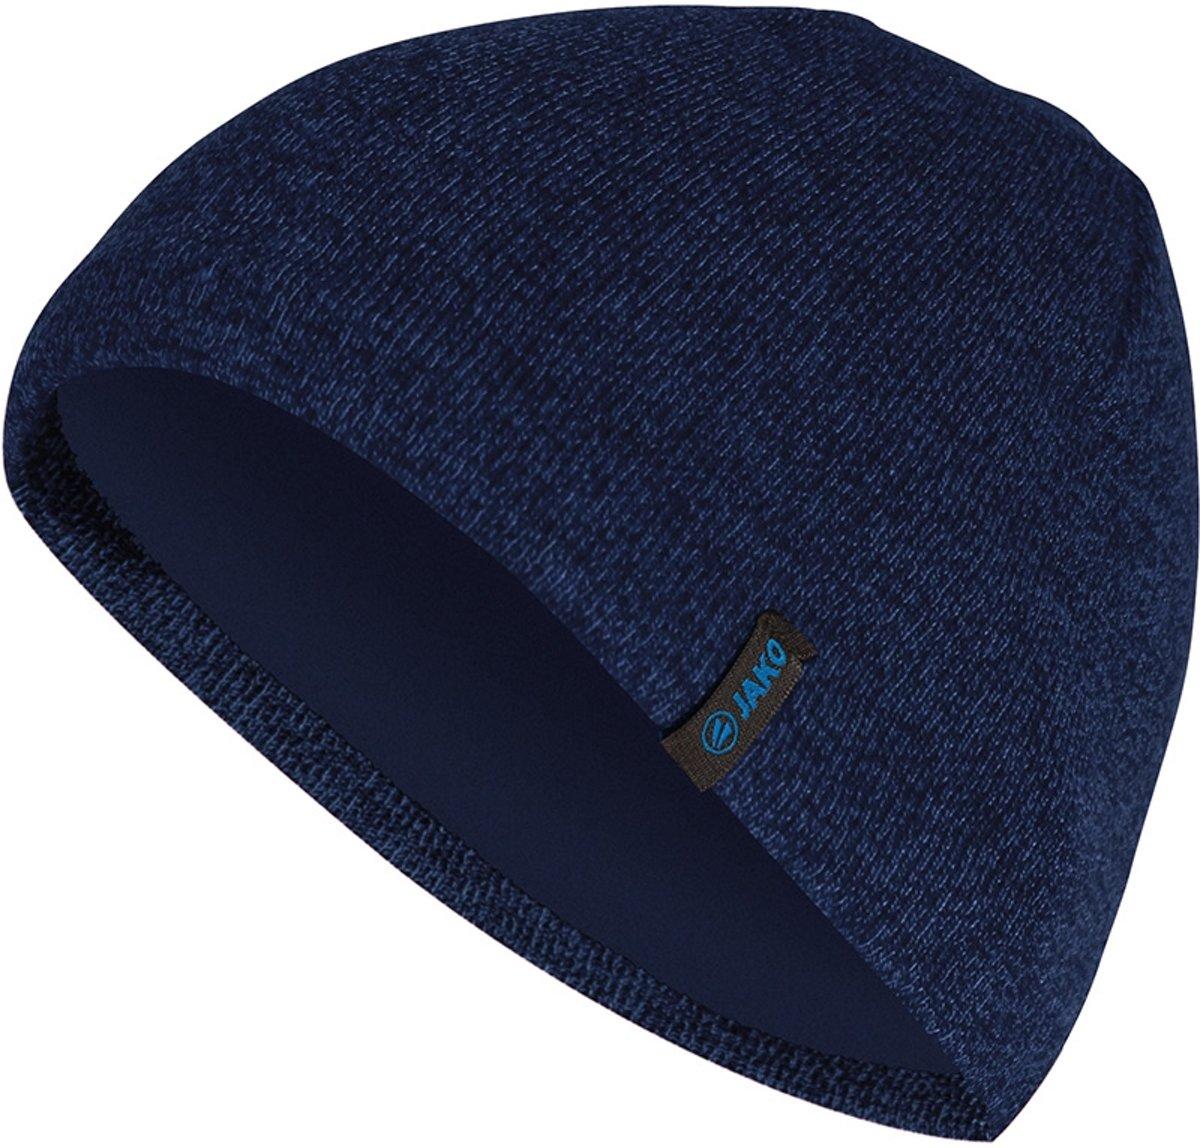 Jako Gebreide Muts - Mutsen  - blauw donker - Senior